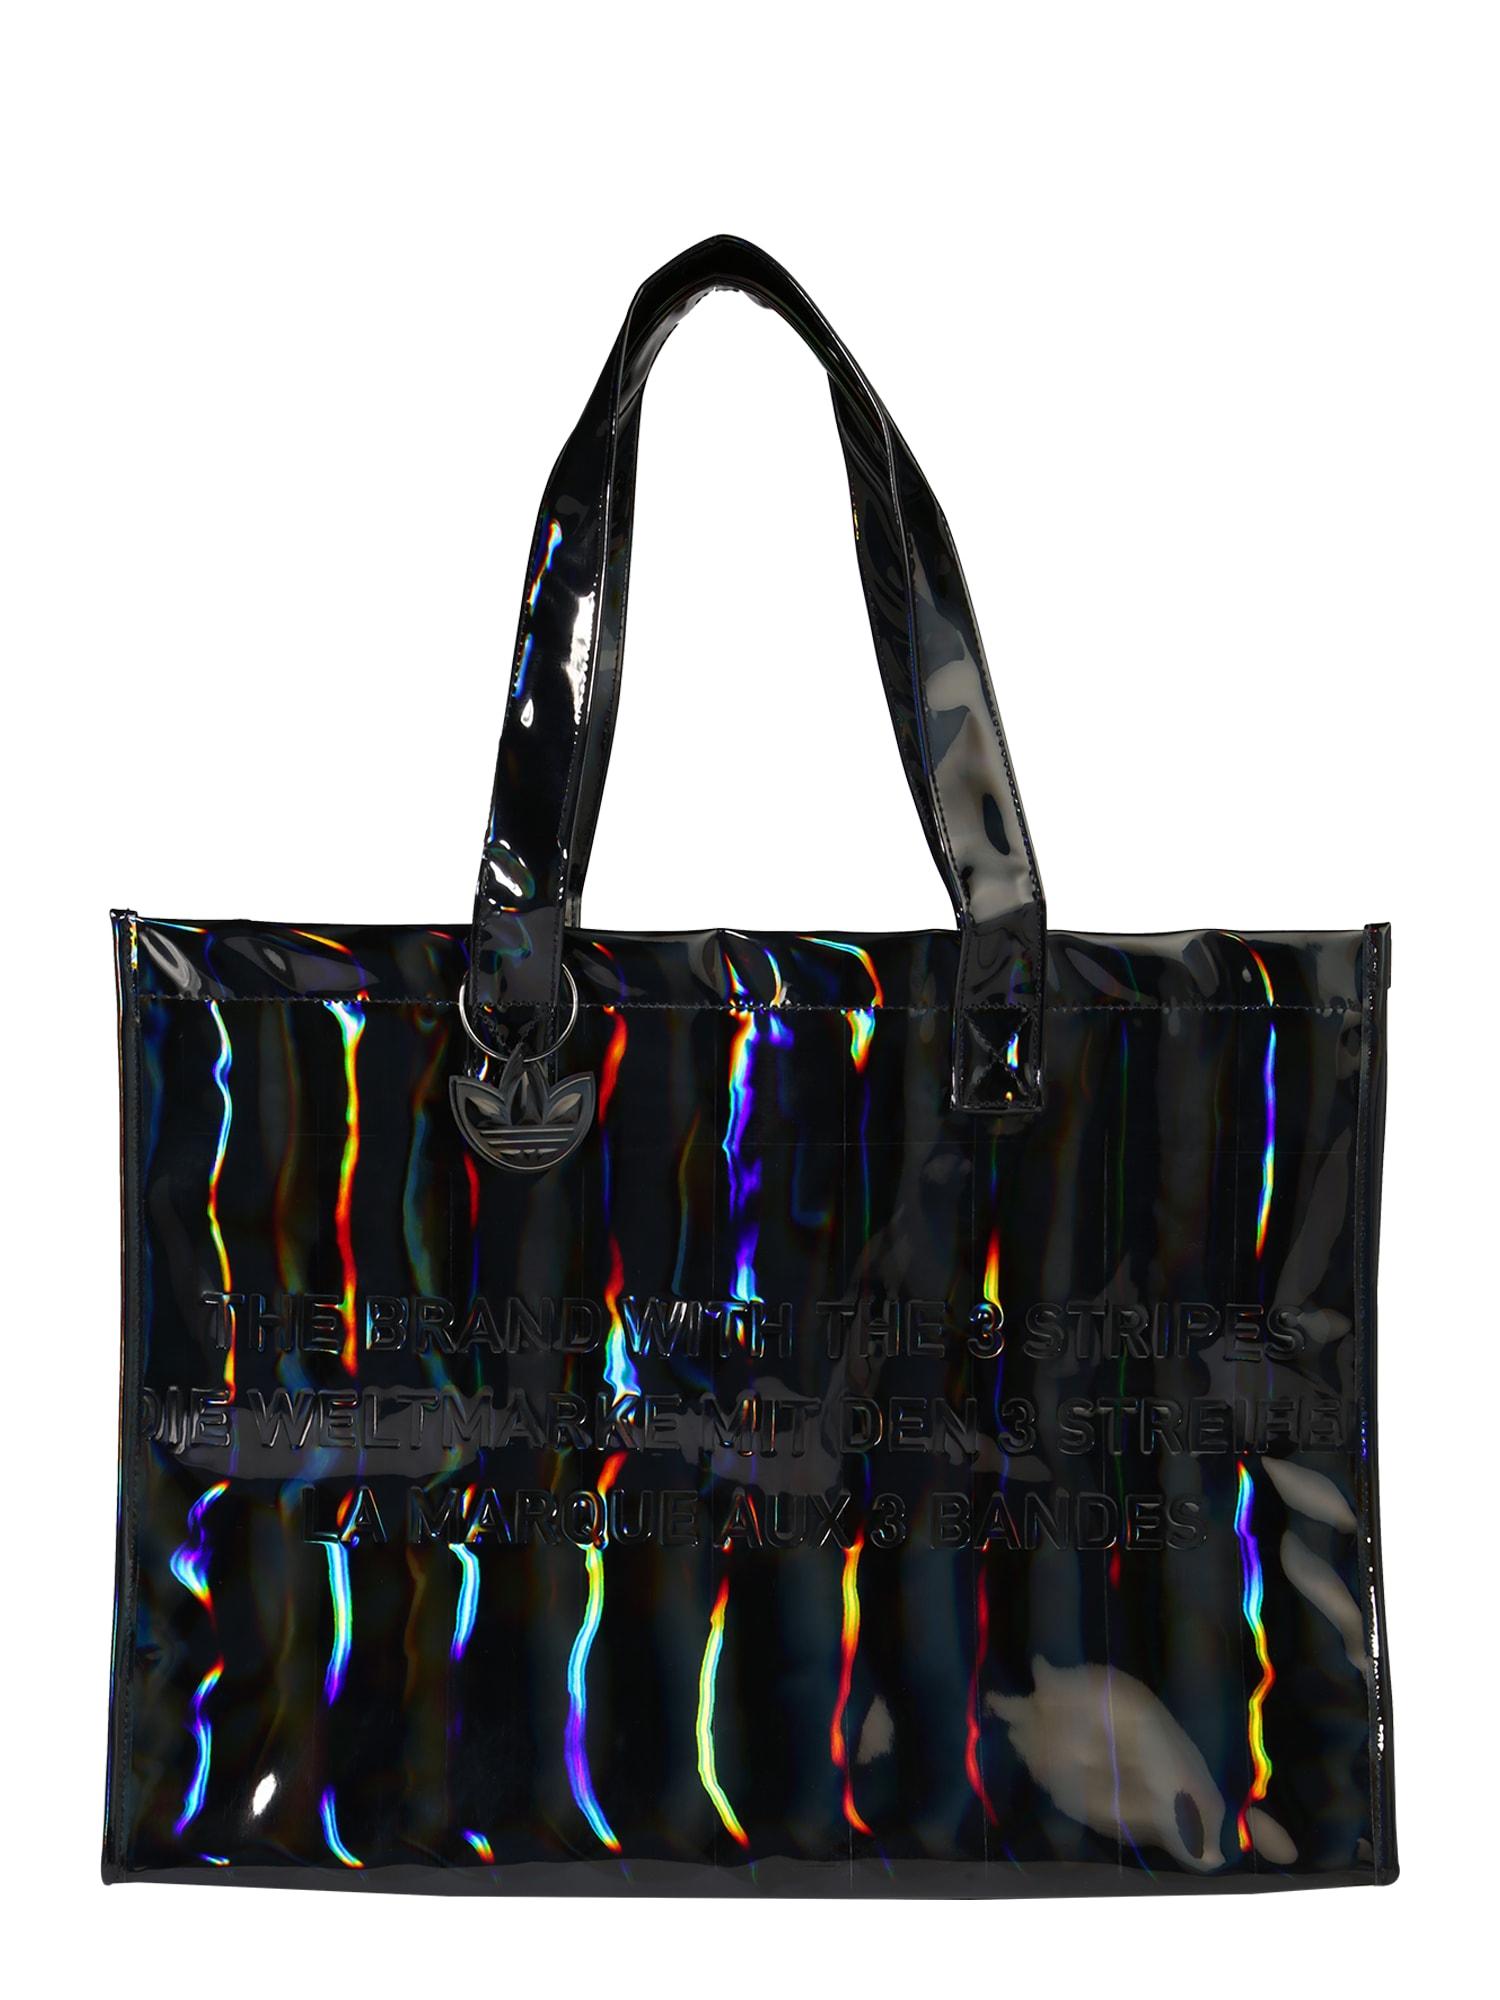 ADIDAS ORIGINALS Pirkinių krepšys juoda